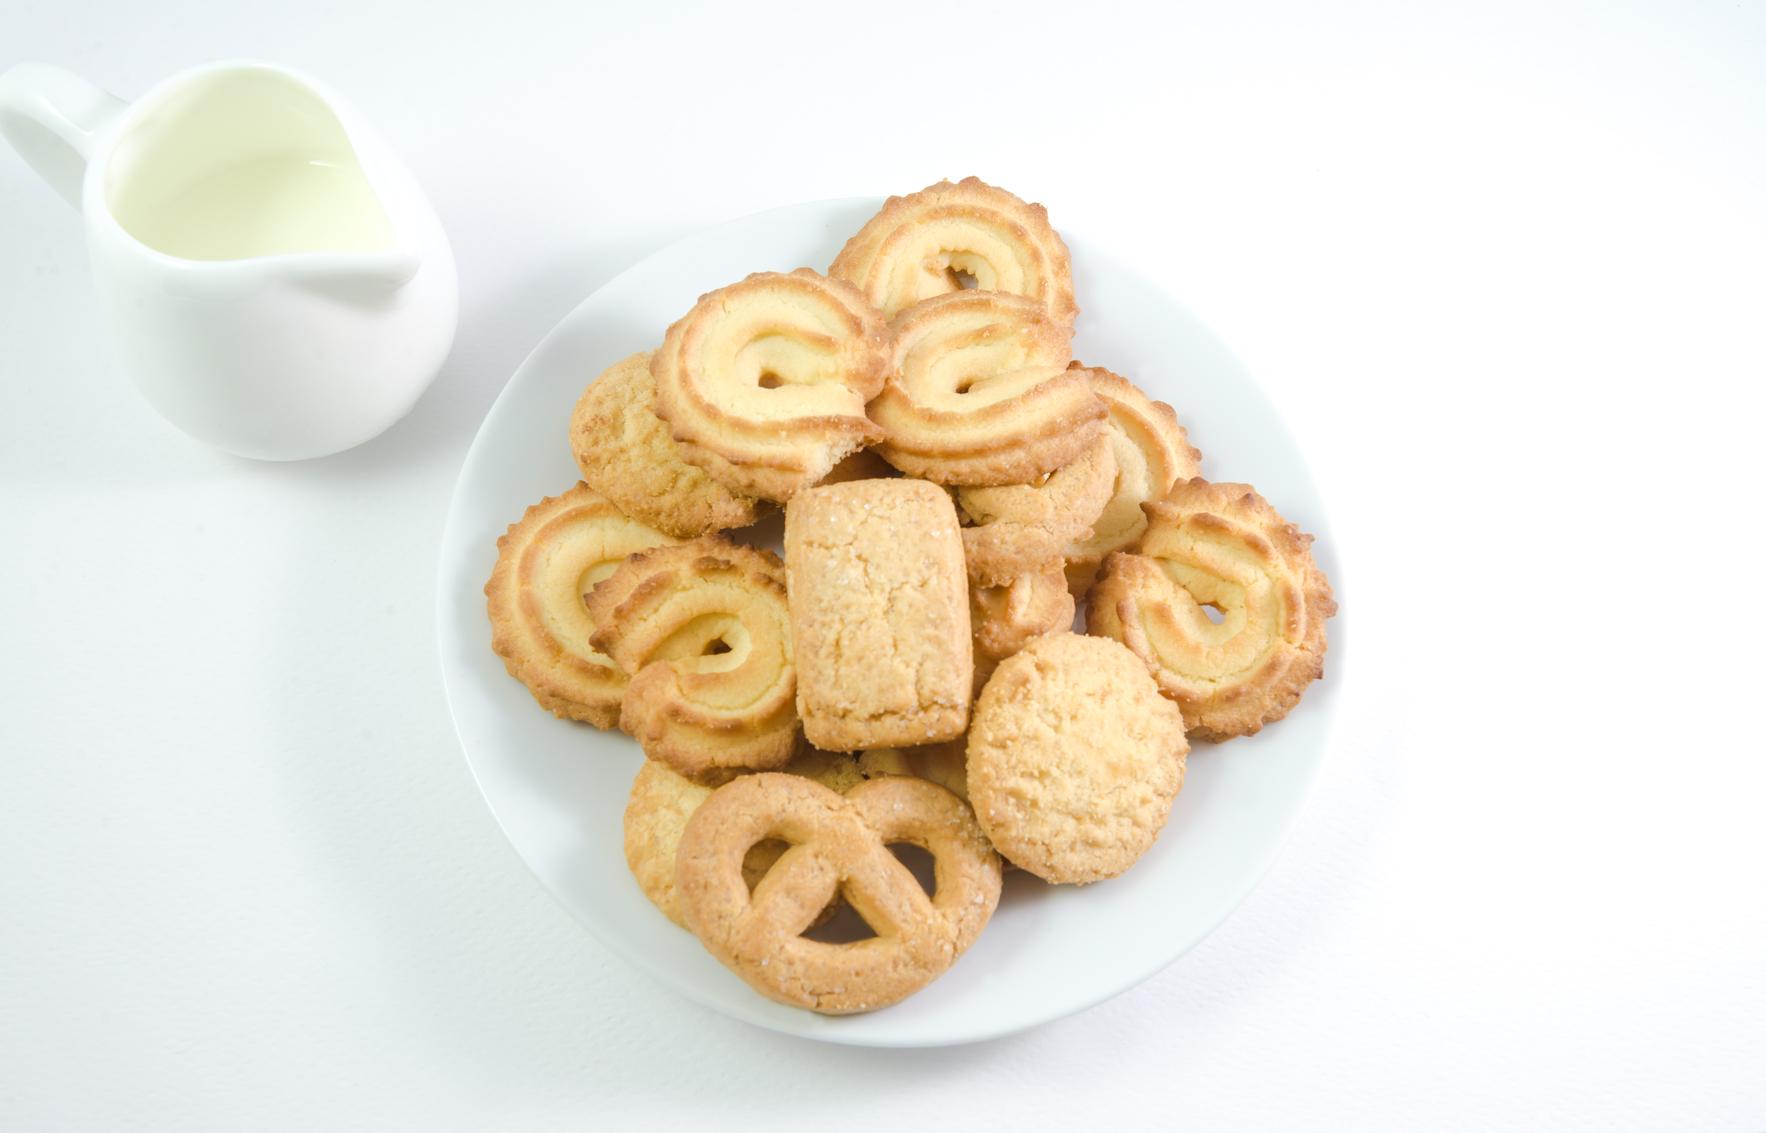 Galletas danesas - receta de usuario